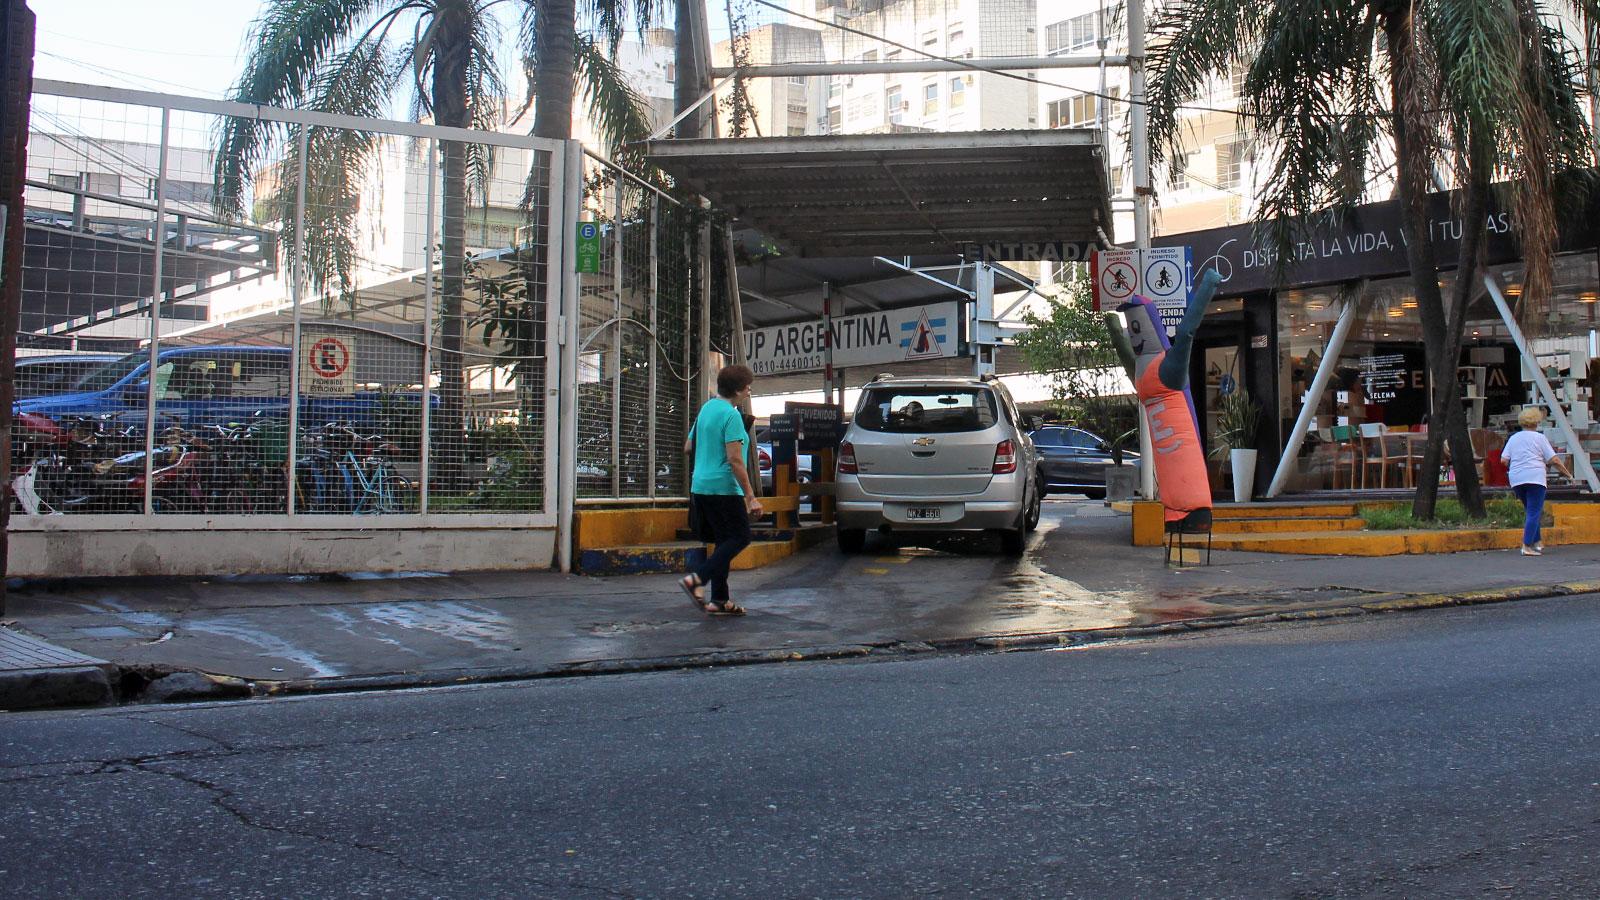 La urbanización se erigirá sobre la actual playa de estacionamiento.